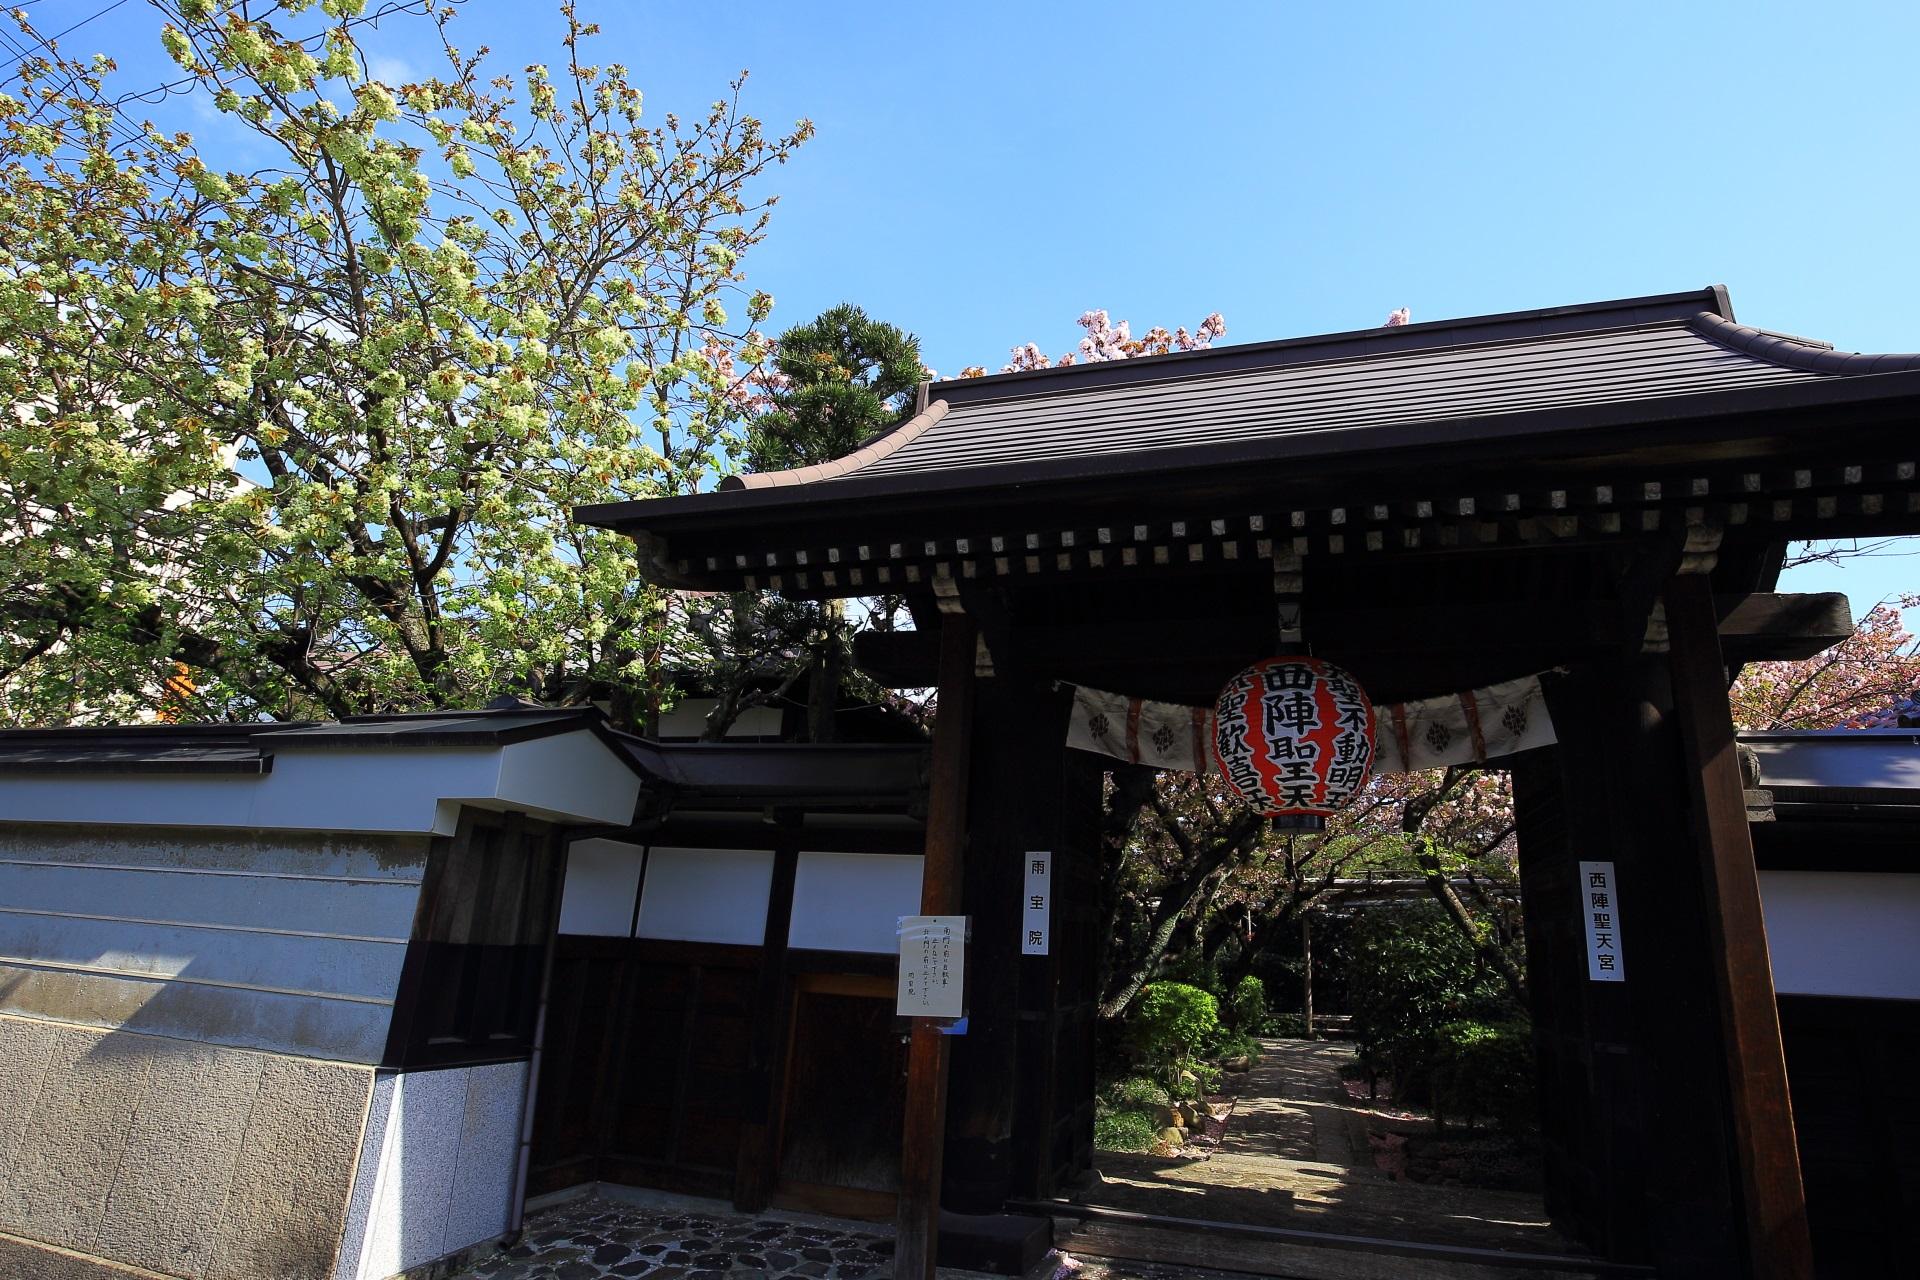 雨宝院の素晴らしい多種多様な桜と春の情景